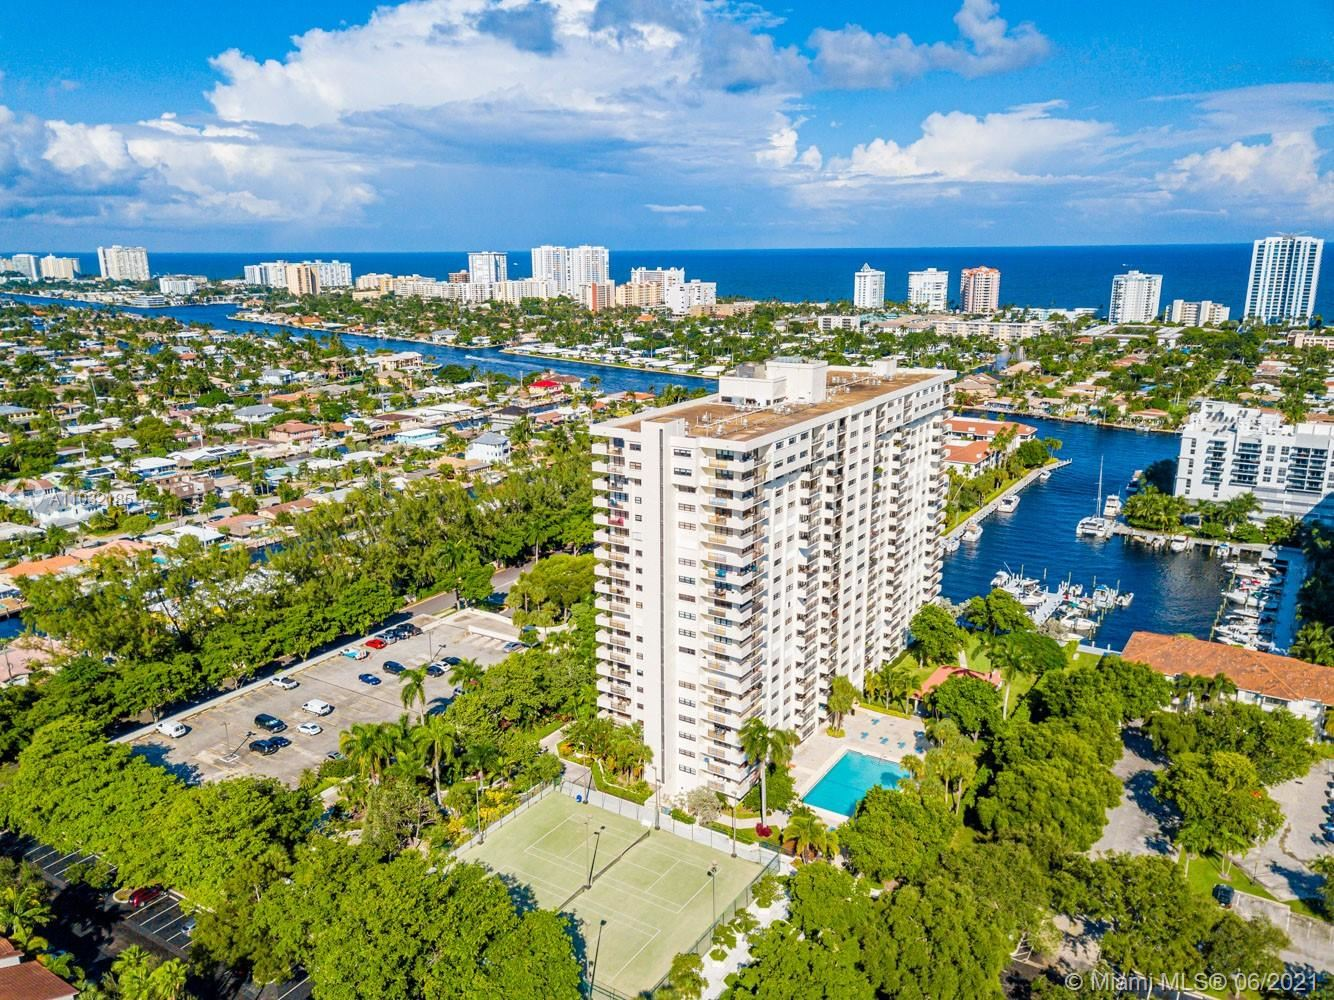 3200 Port Royale Dr N #901, Fort Lauderdale, FL 33308 - #: A11032185